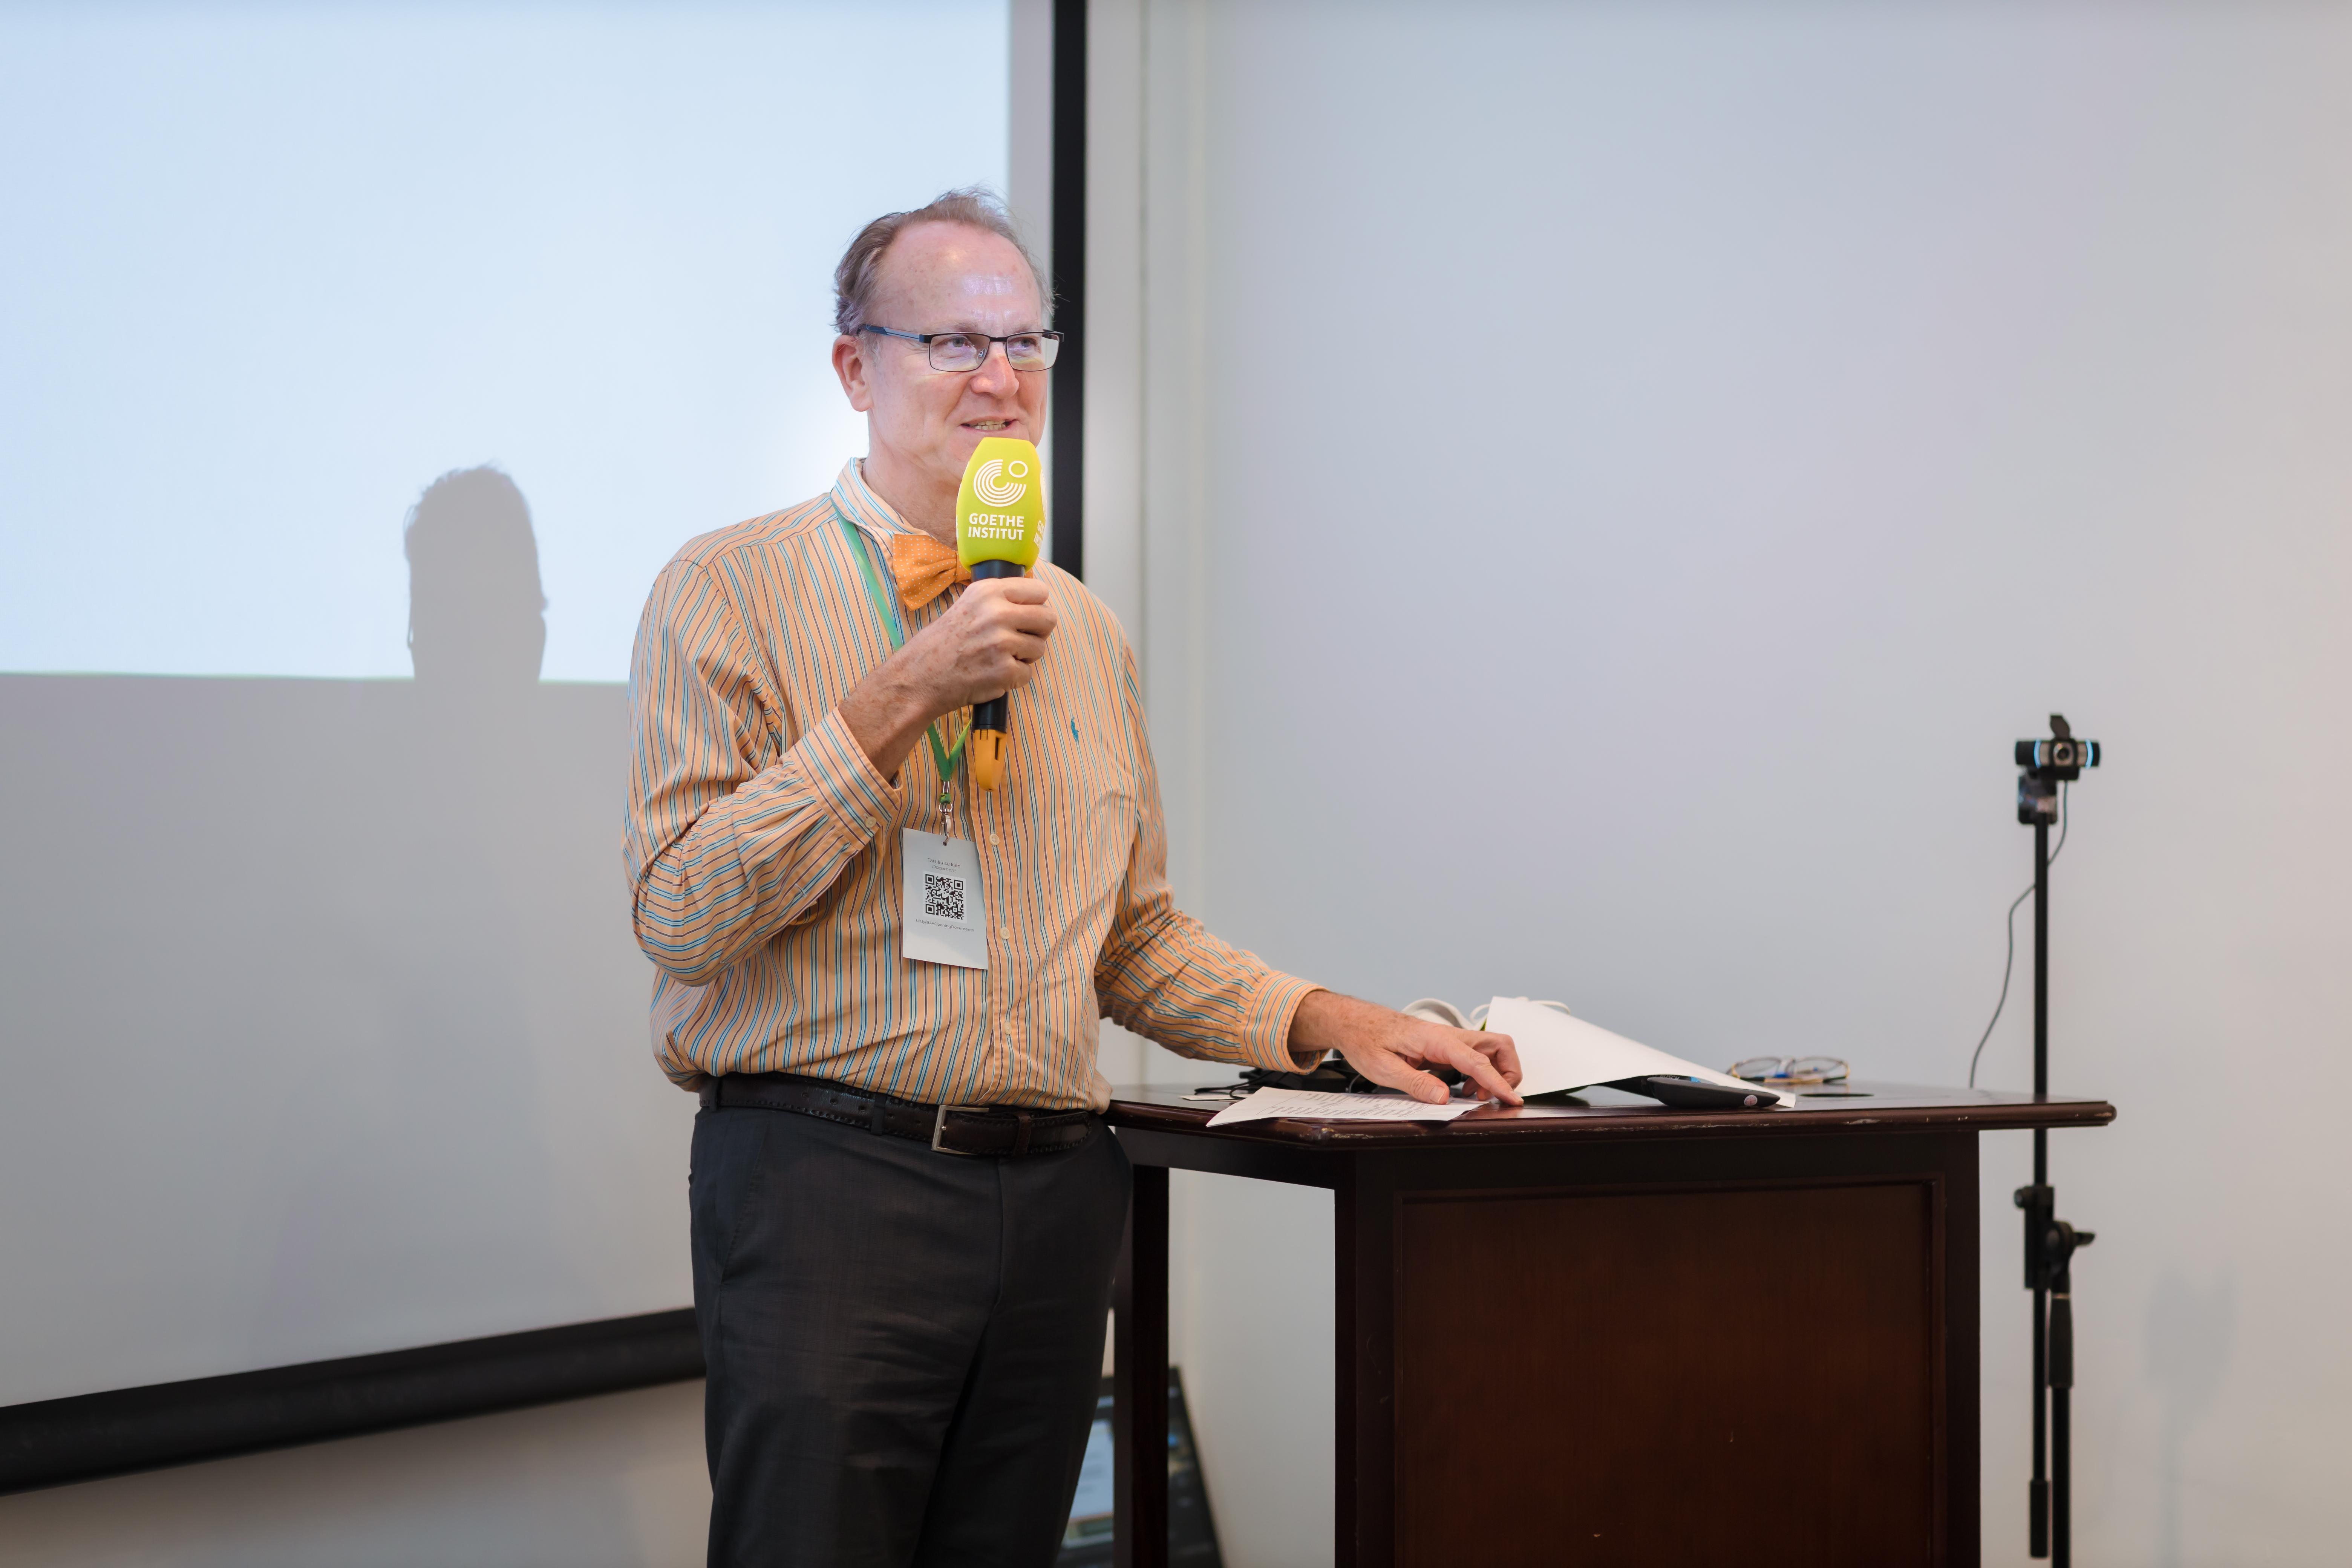 Ông Wilfried Eckstein Viện trưởng Viện Goethe phát biểu Khai mạc Chương trình